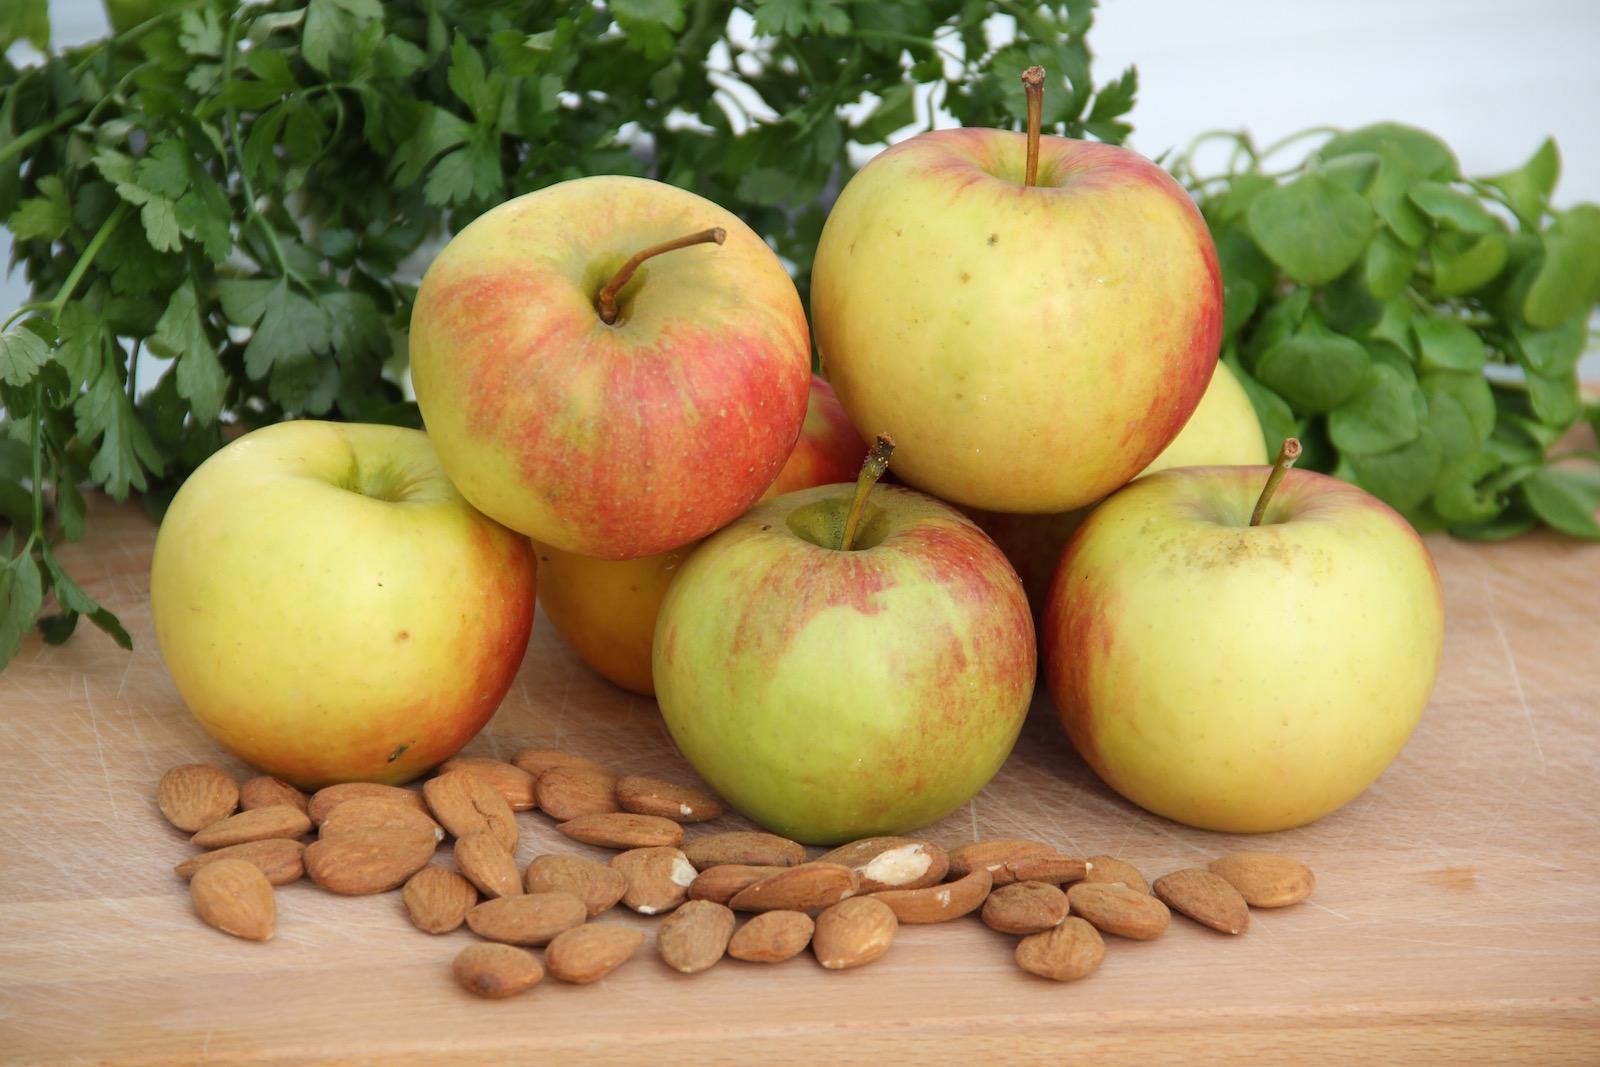 Äpfel und Mandeln auf einem Holzbrett